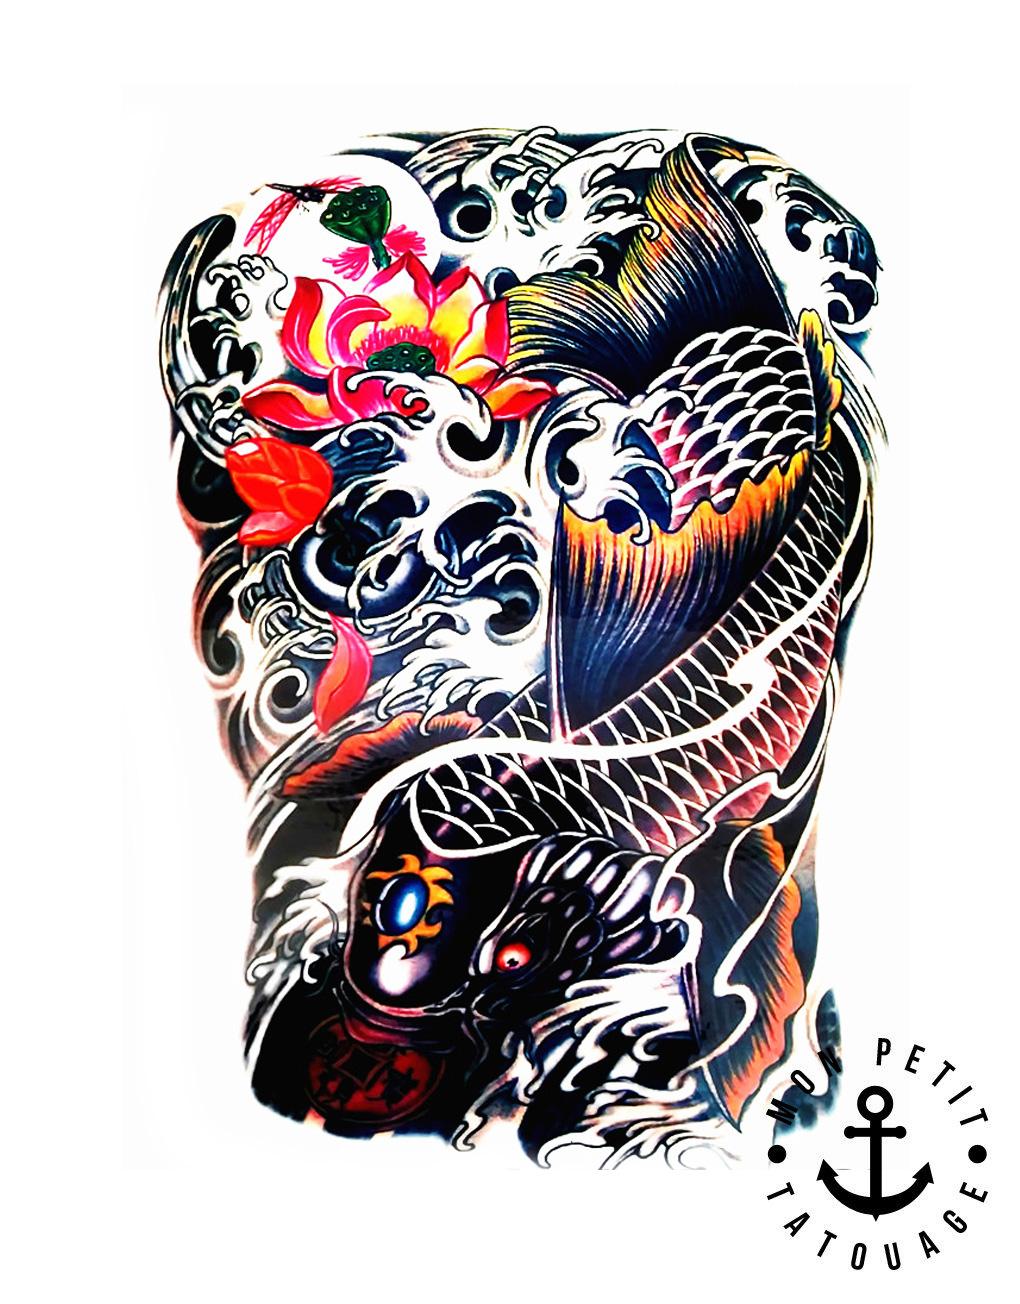 Dessin tatouage carpe koi galerie tatouage - Dessin carpe koi ...